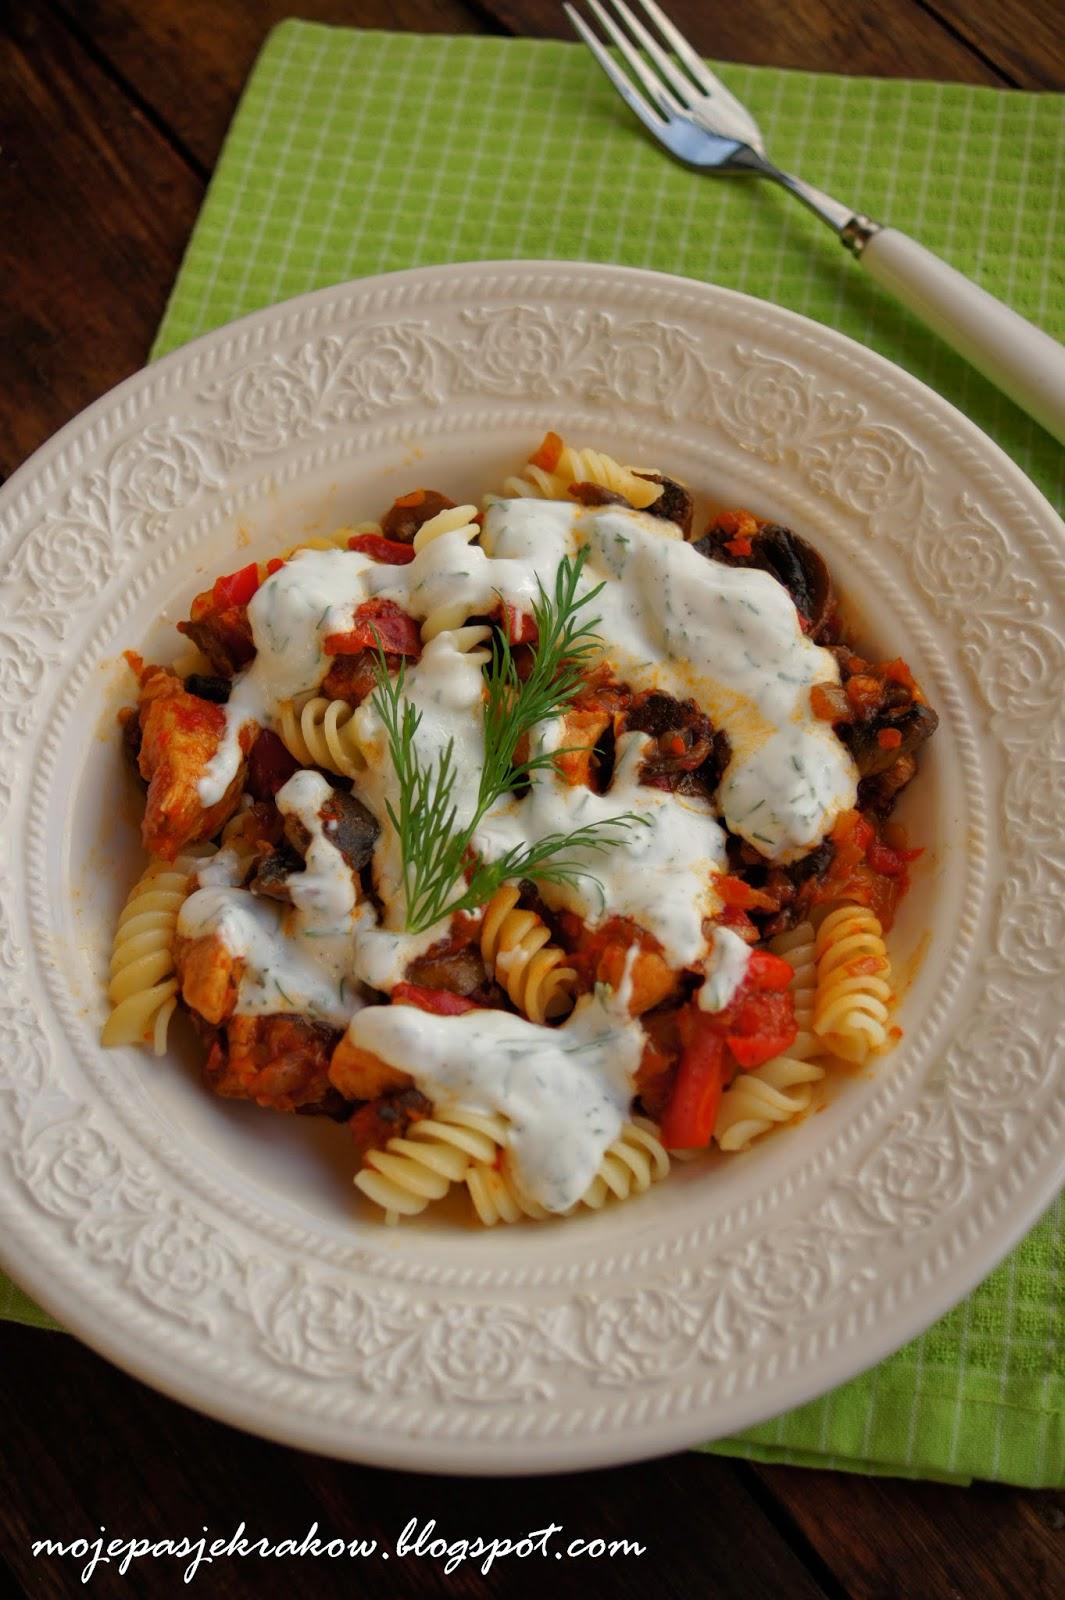 http://mojepasjekrakow.blogspot.com/2014/03/makaron-z-warzywami-i-indykiem-obiad-do.html